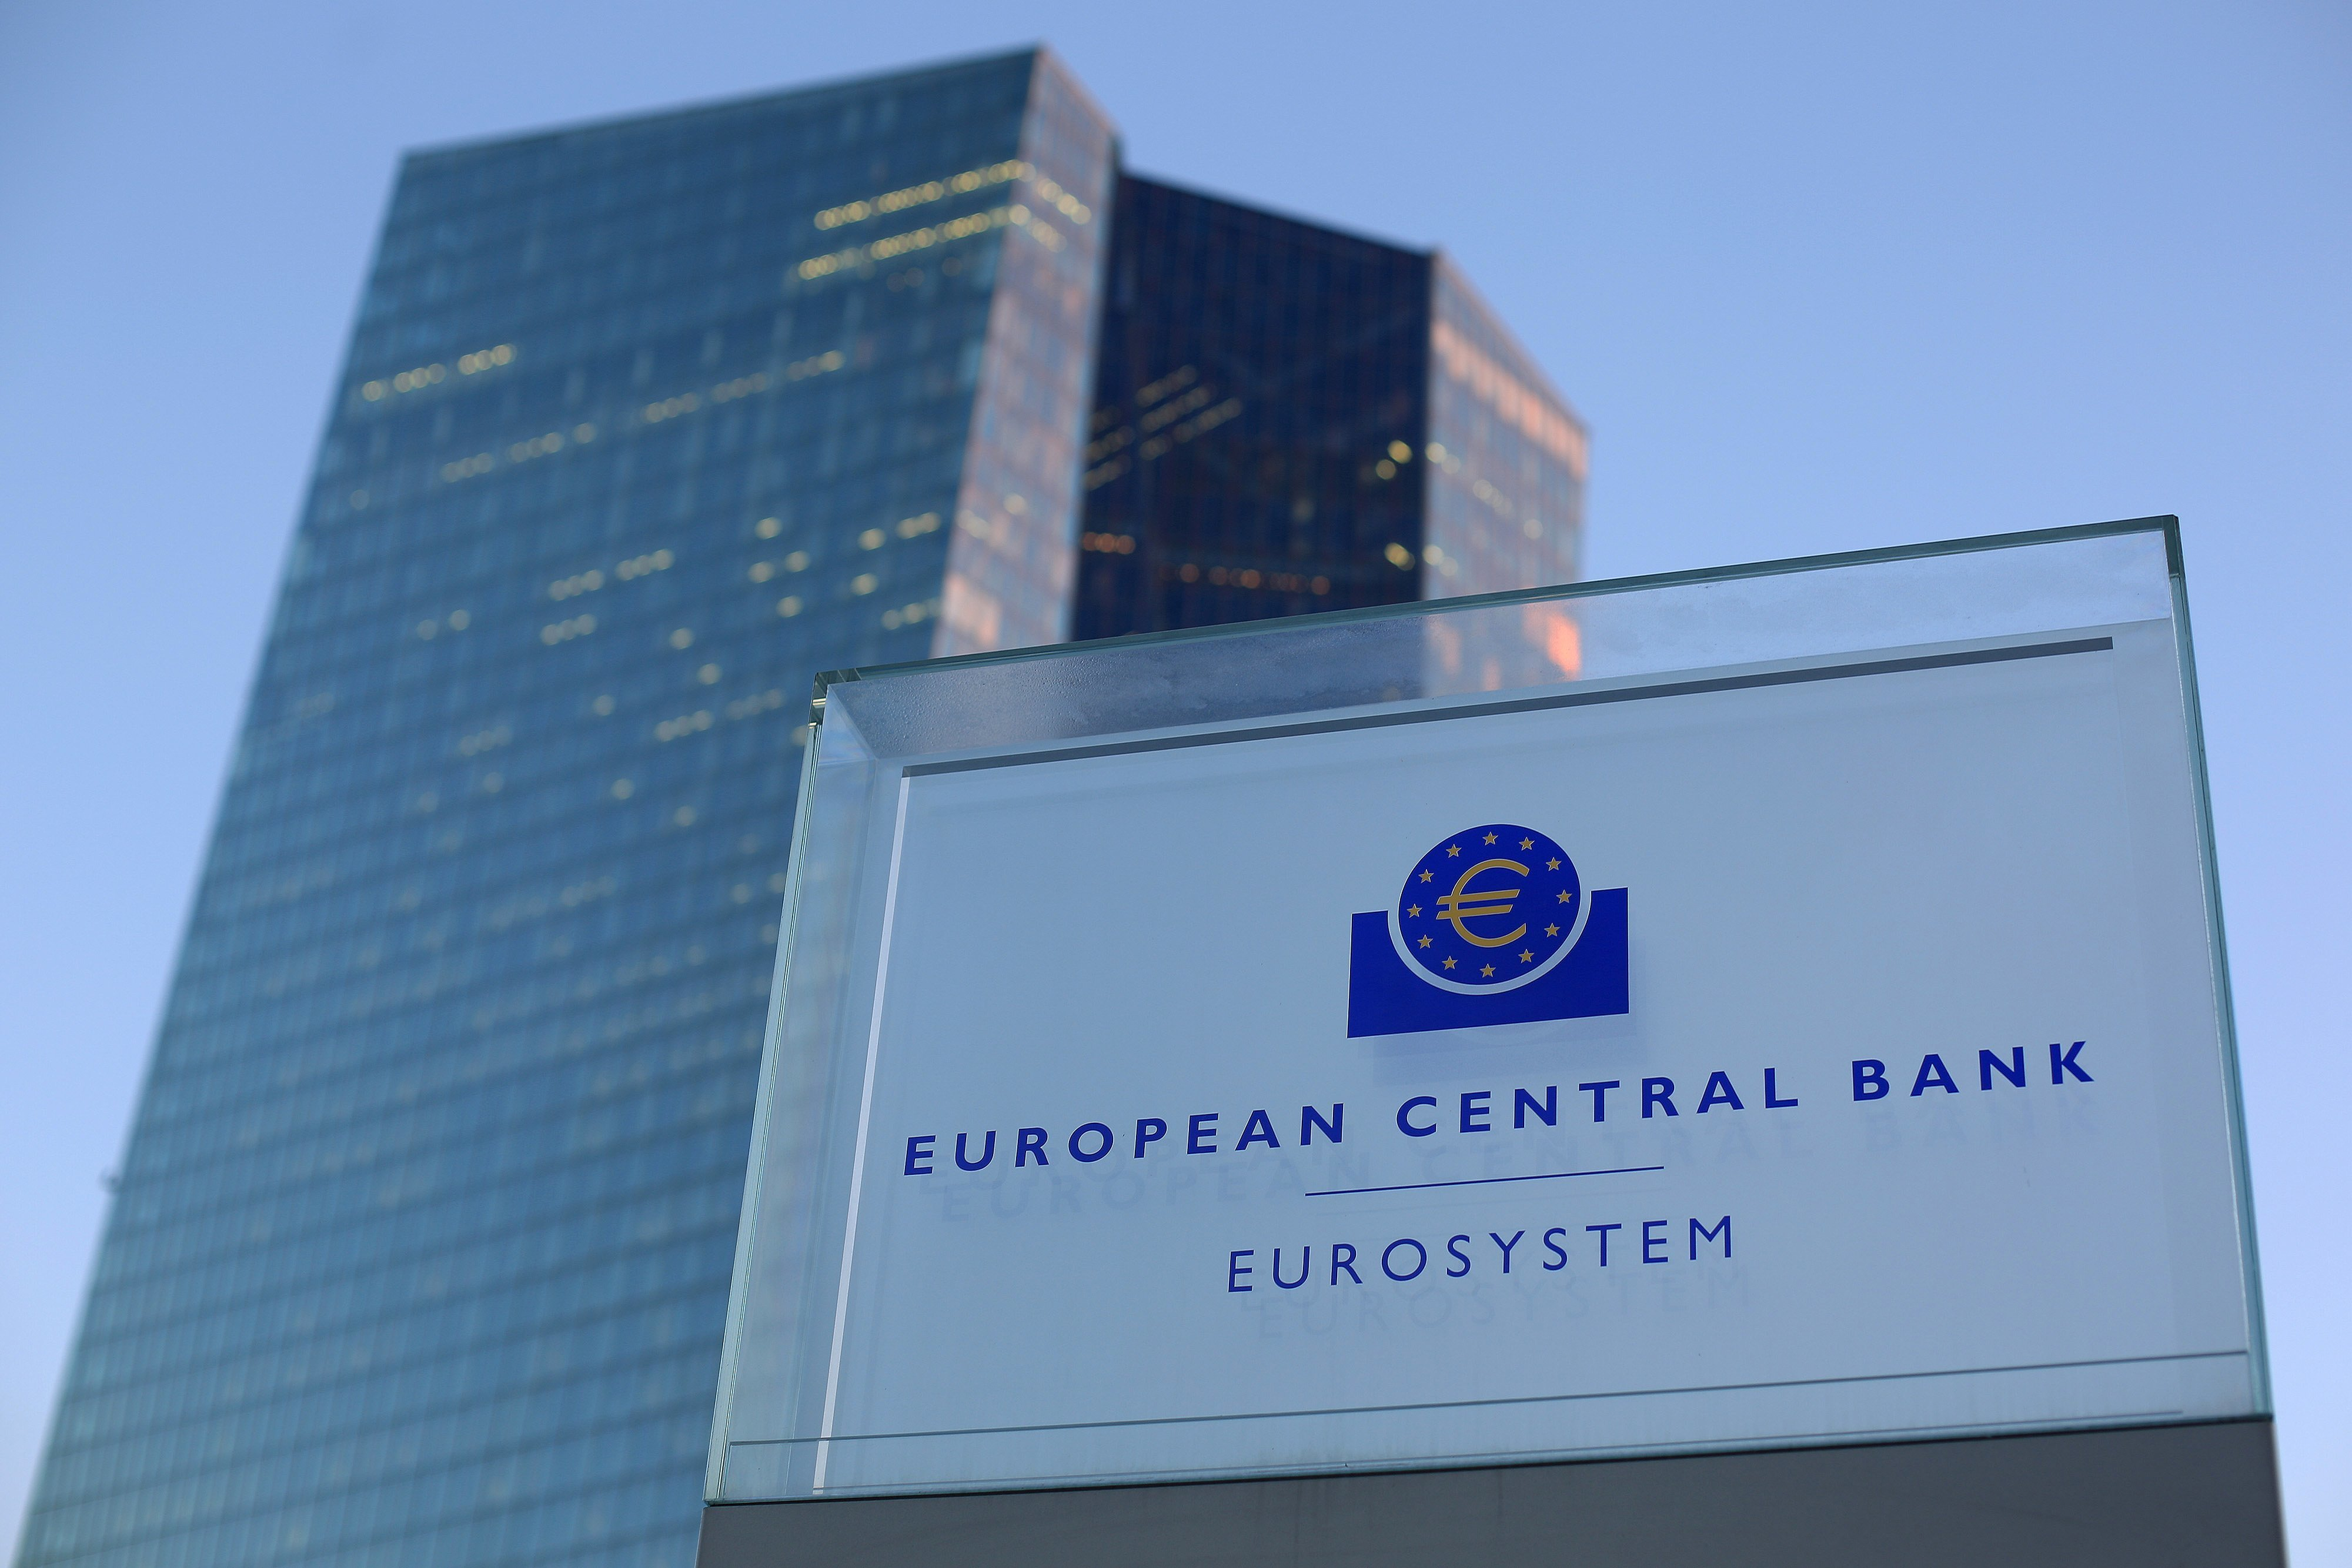 Kinh tế toàn cầu phục hồi sẽ kiểm tra khả năng ứng phó của các ngân hàng trung ương